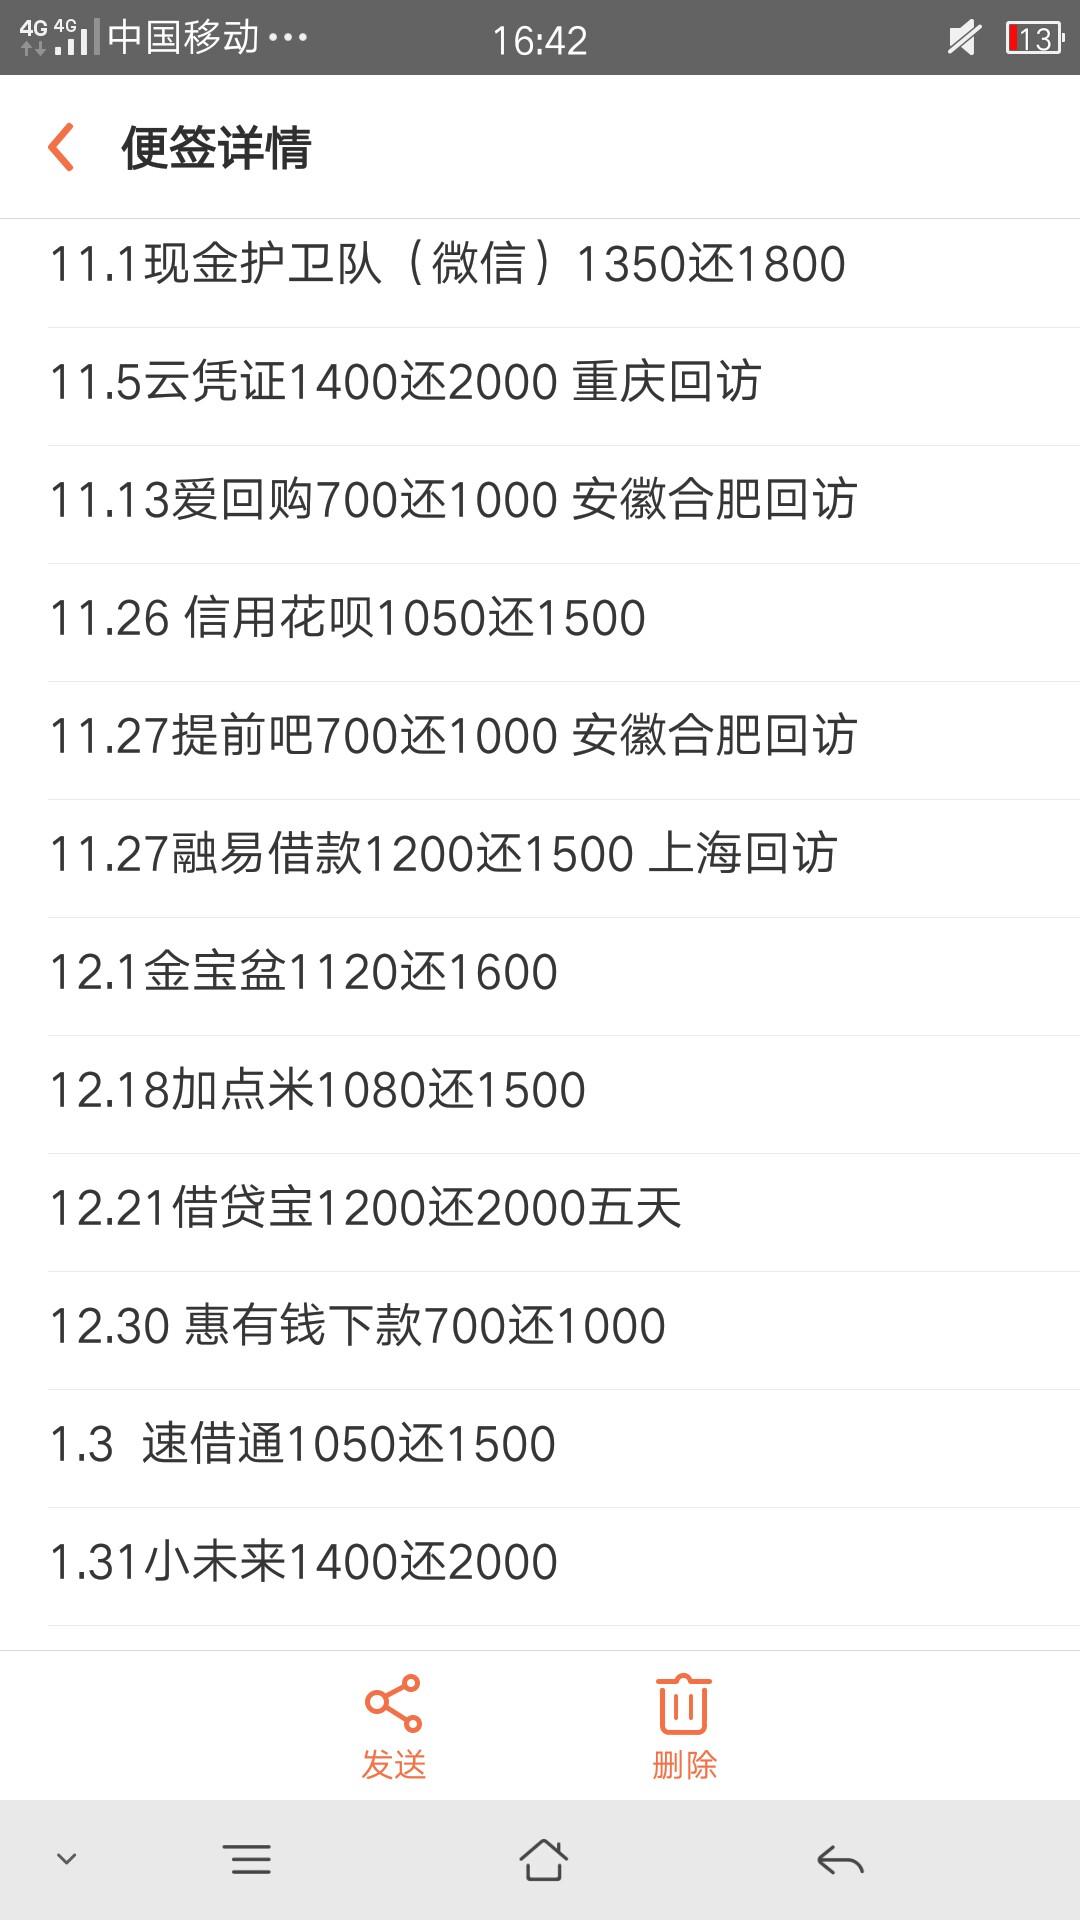 【领取春节福利】人人有份,抢完为止!最高18888花贝!34 / 作者:贵G撸侠 /